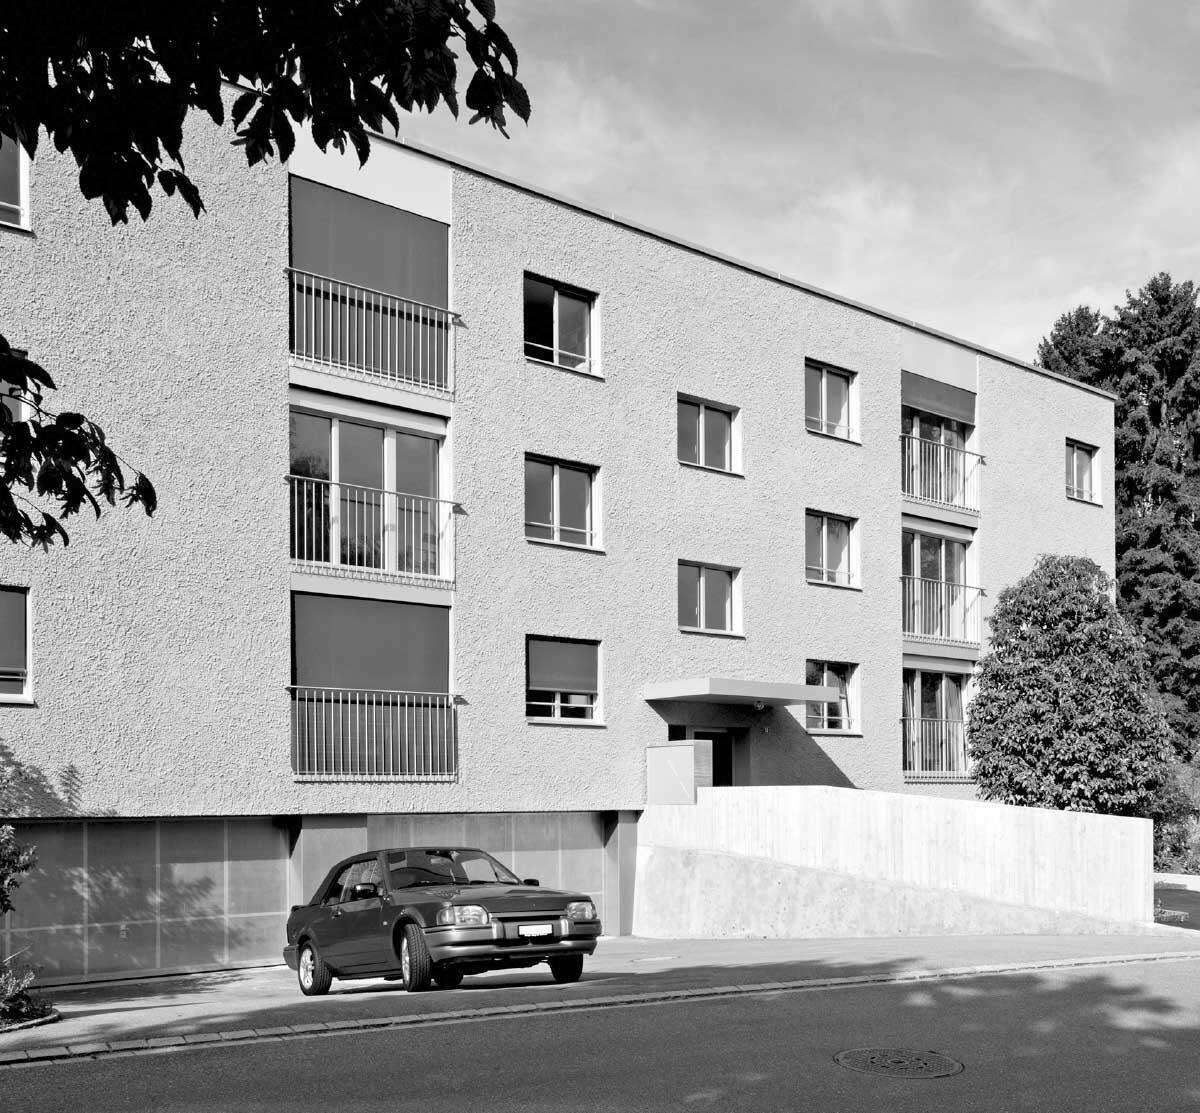 Die Durchschnittsarchitektur der Umgebung veranlasste die Architektinnen, dem Bau ein neues, auf der Kraft des Materials fussendes Gepräge zu geben. Bild: Angelo Ressegatti